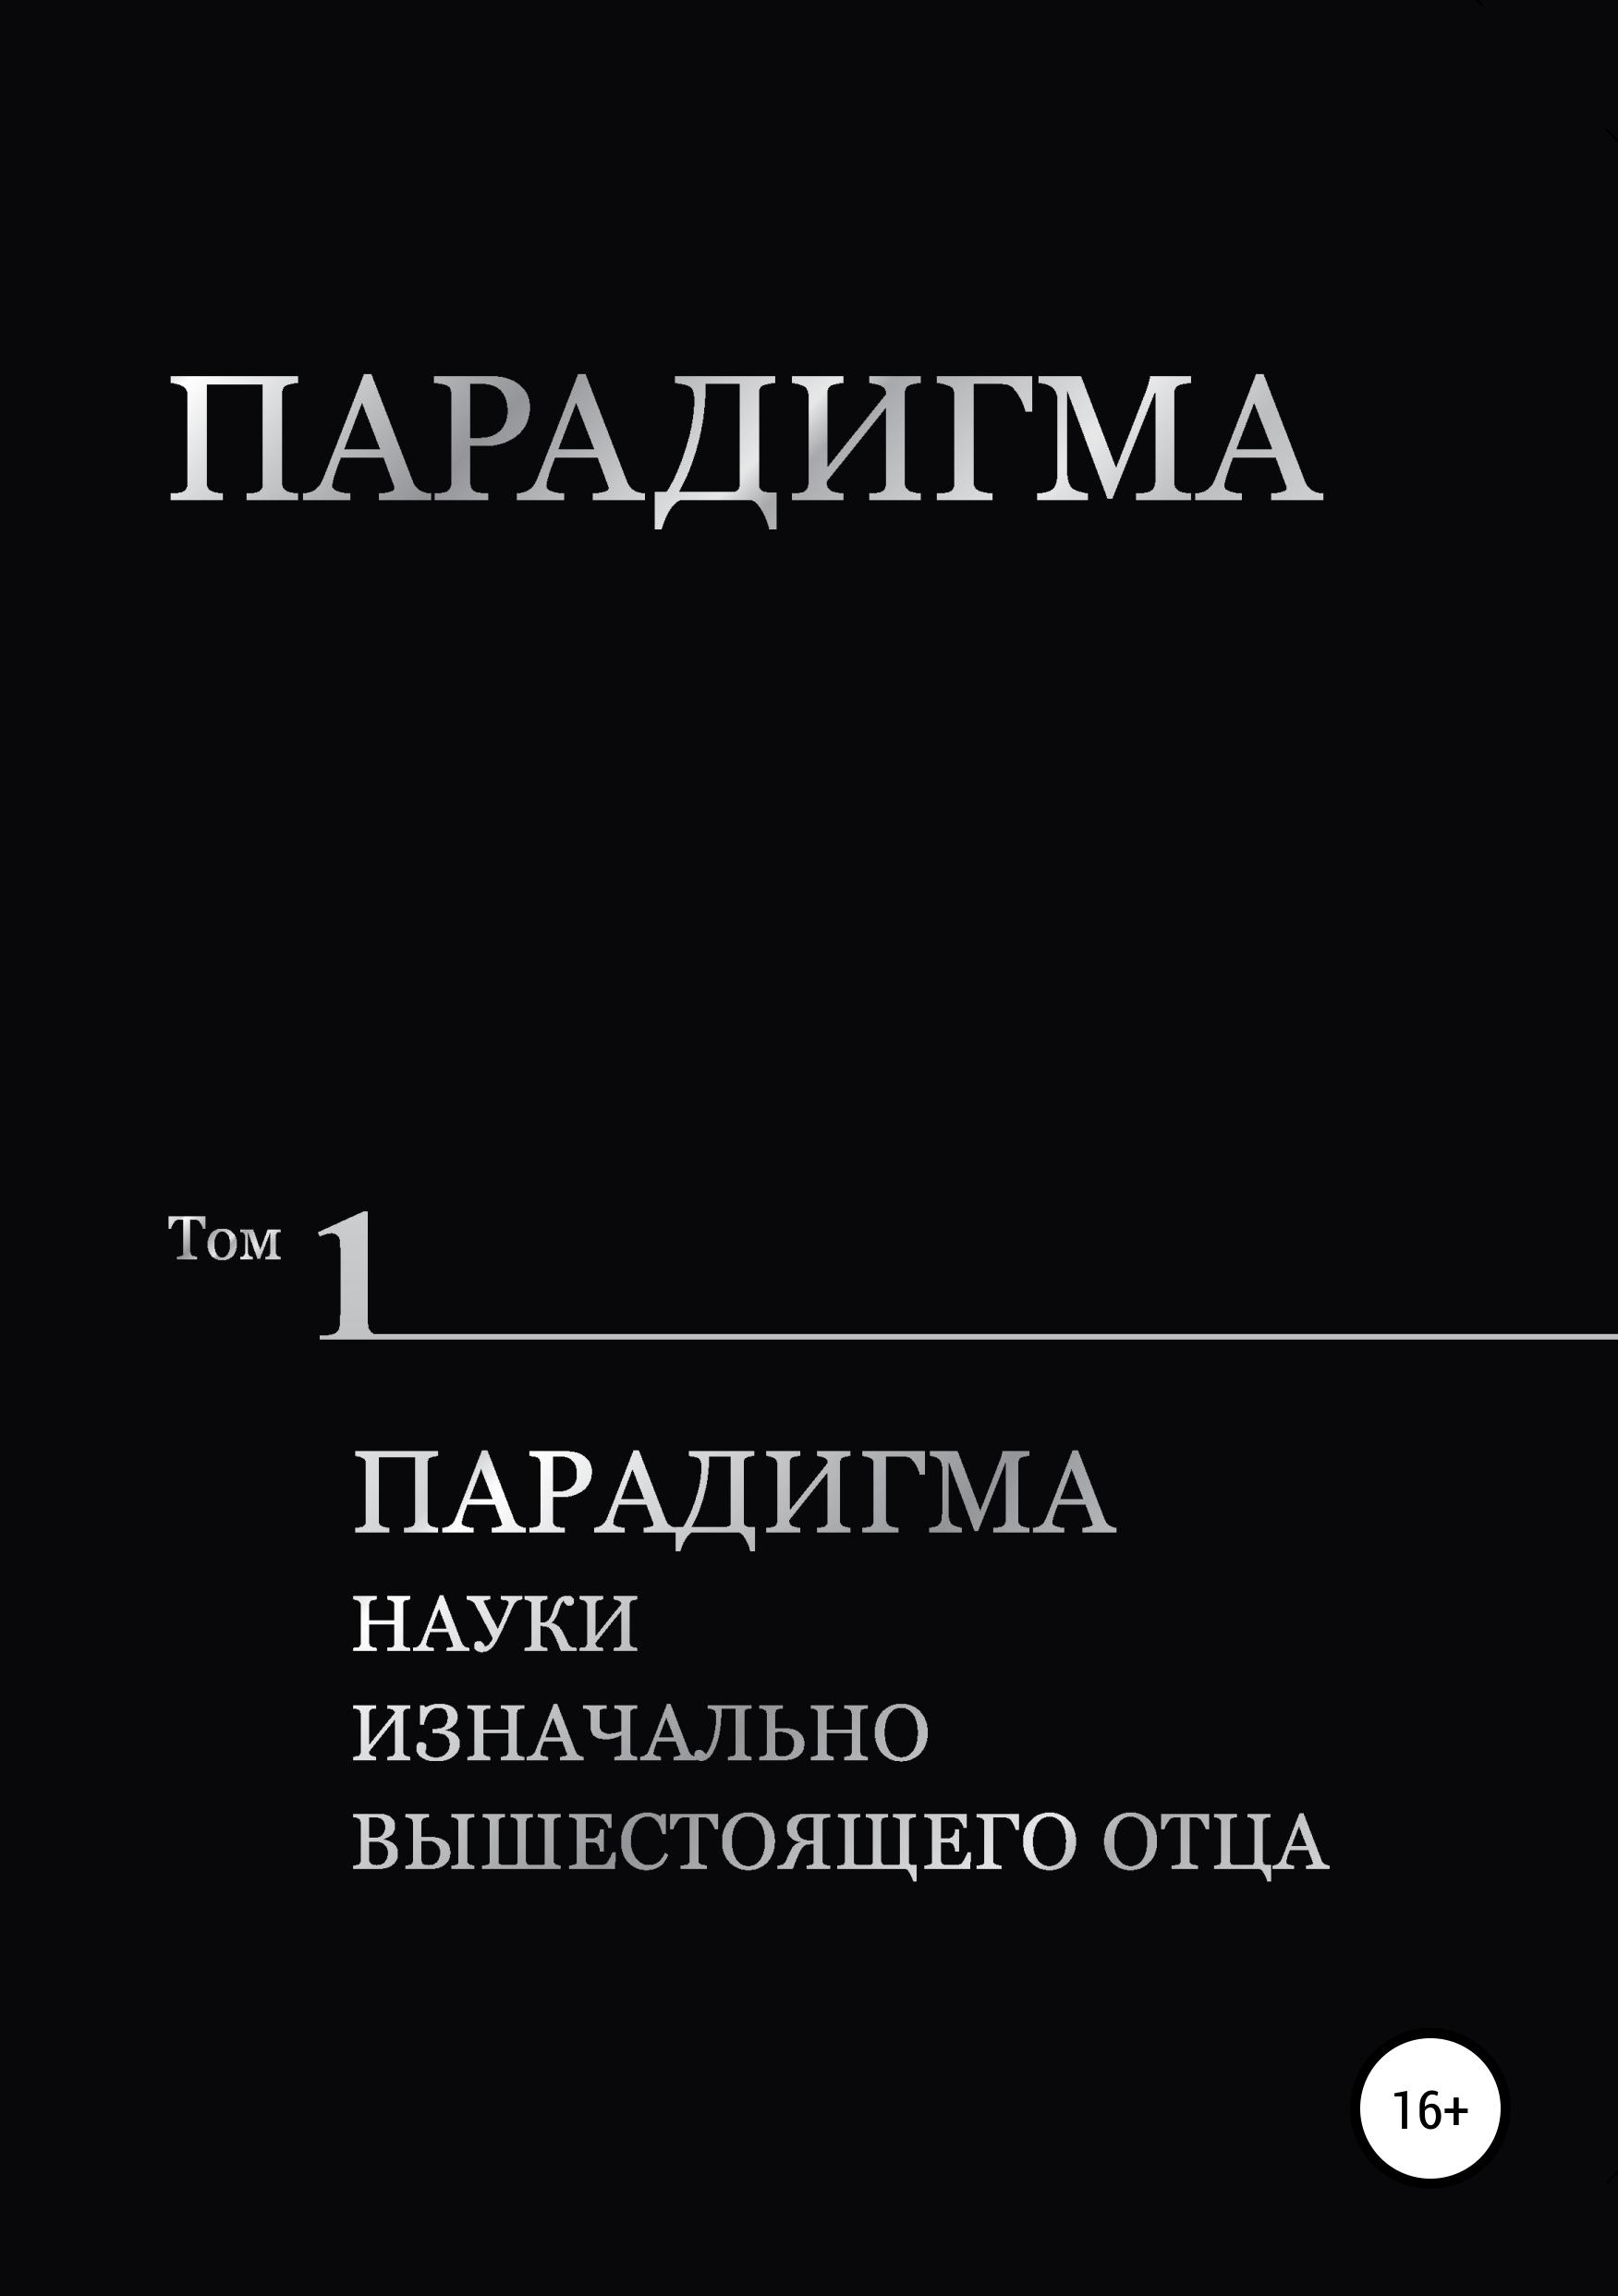 Виталий Александрович Сердюк Парадигма. Т. 1: Парадигма Науки Изначально Вышестоящего Отца